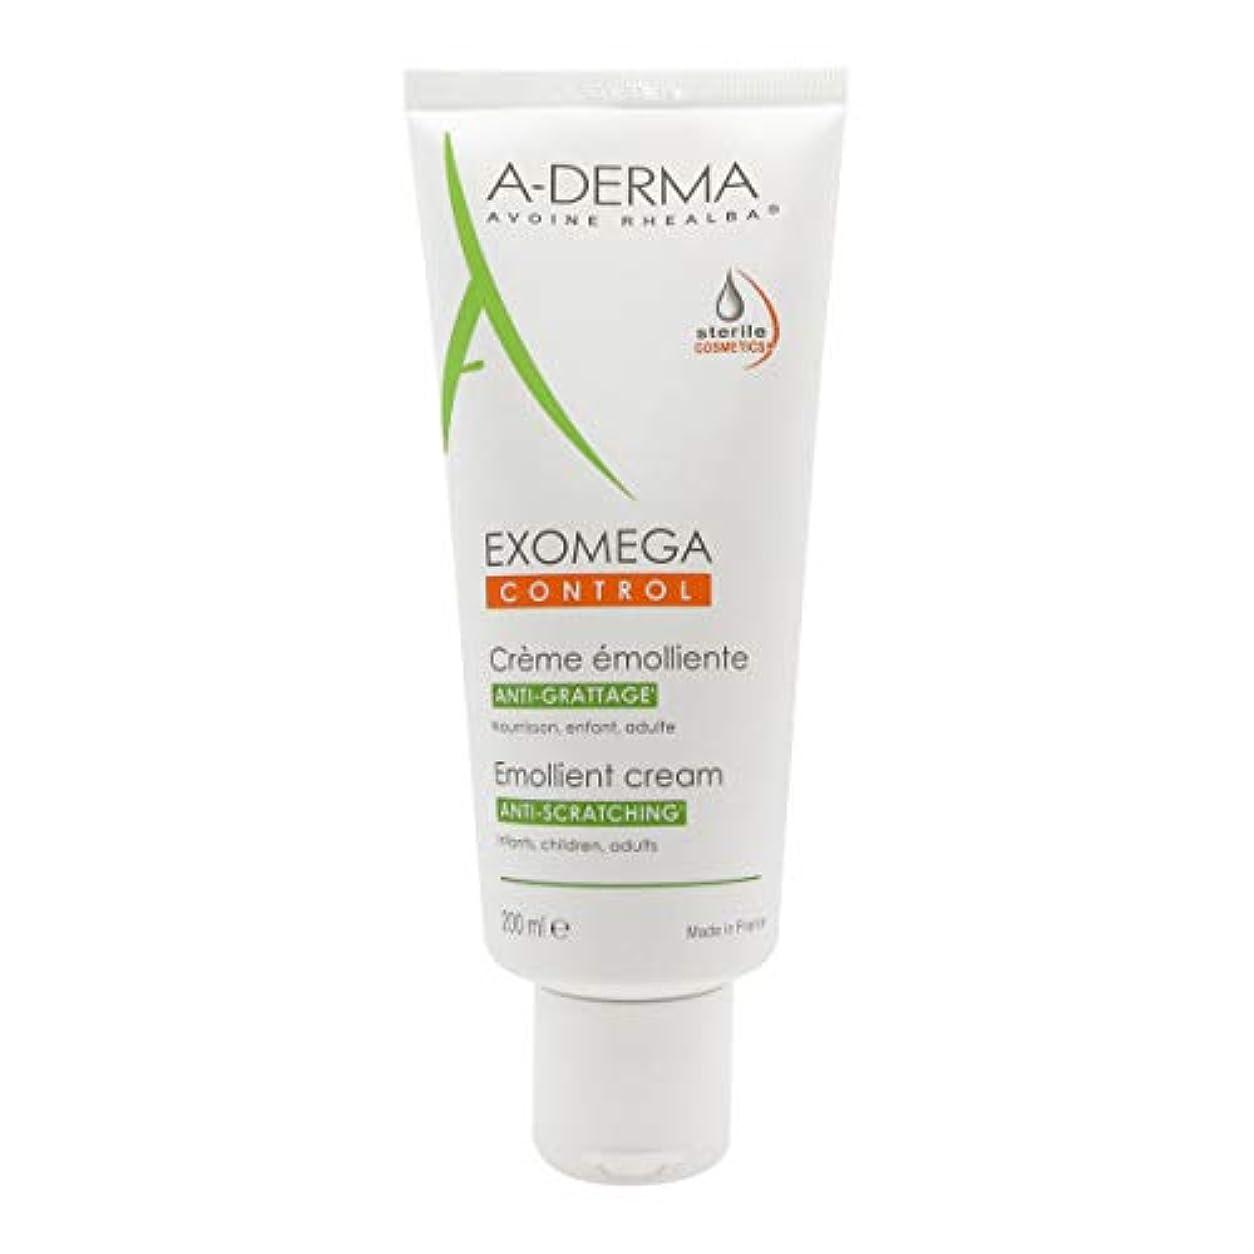 フォルダアサート計画A-derma Exomega Control Emollient Cream 200ml [並行輸入品]